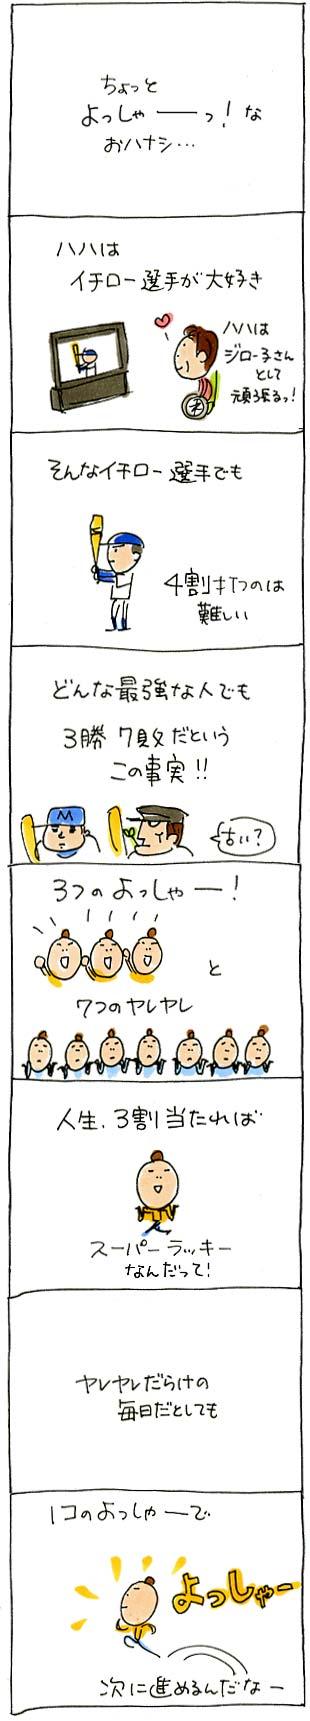 よっしゃー!2